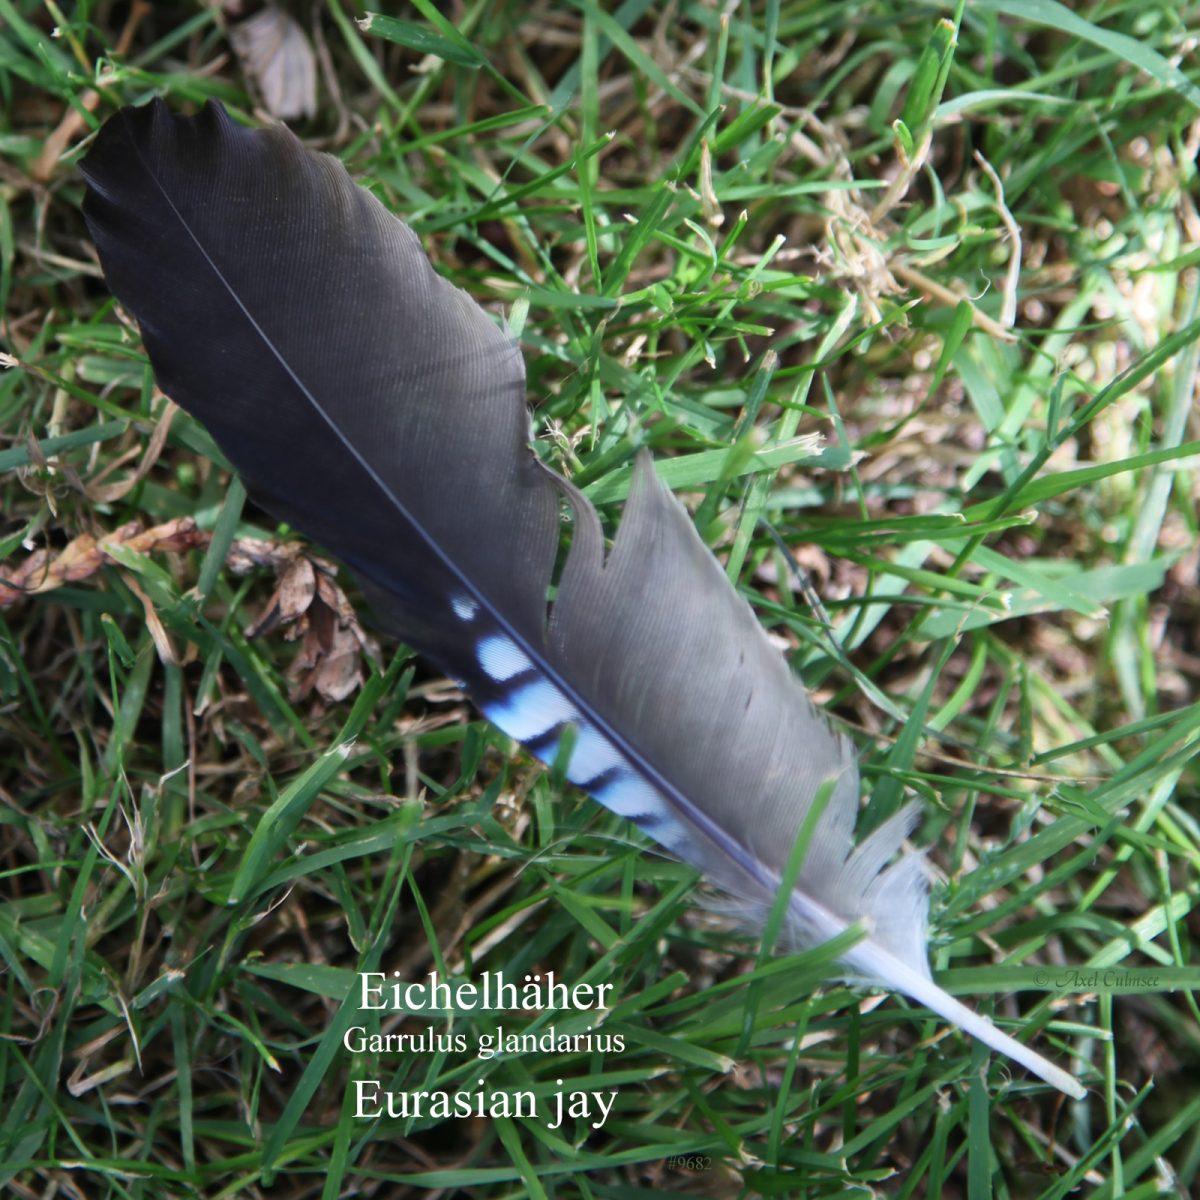 feather Eurasian jay Garrulus glandarius Eichelhaeher